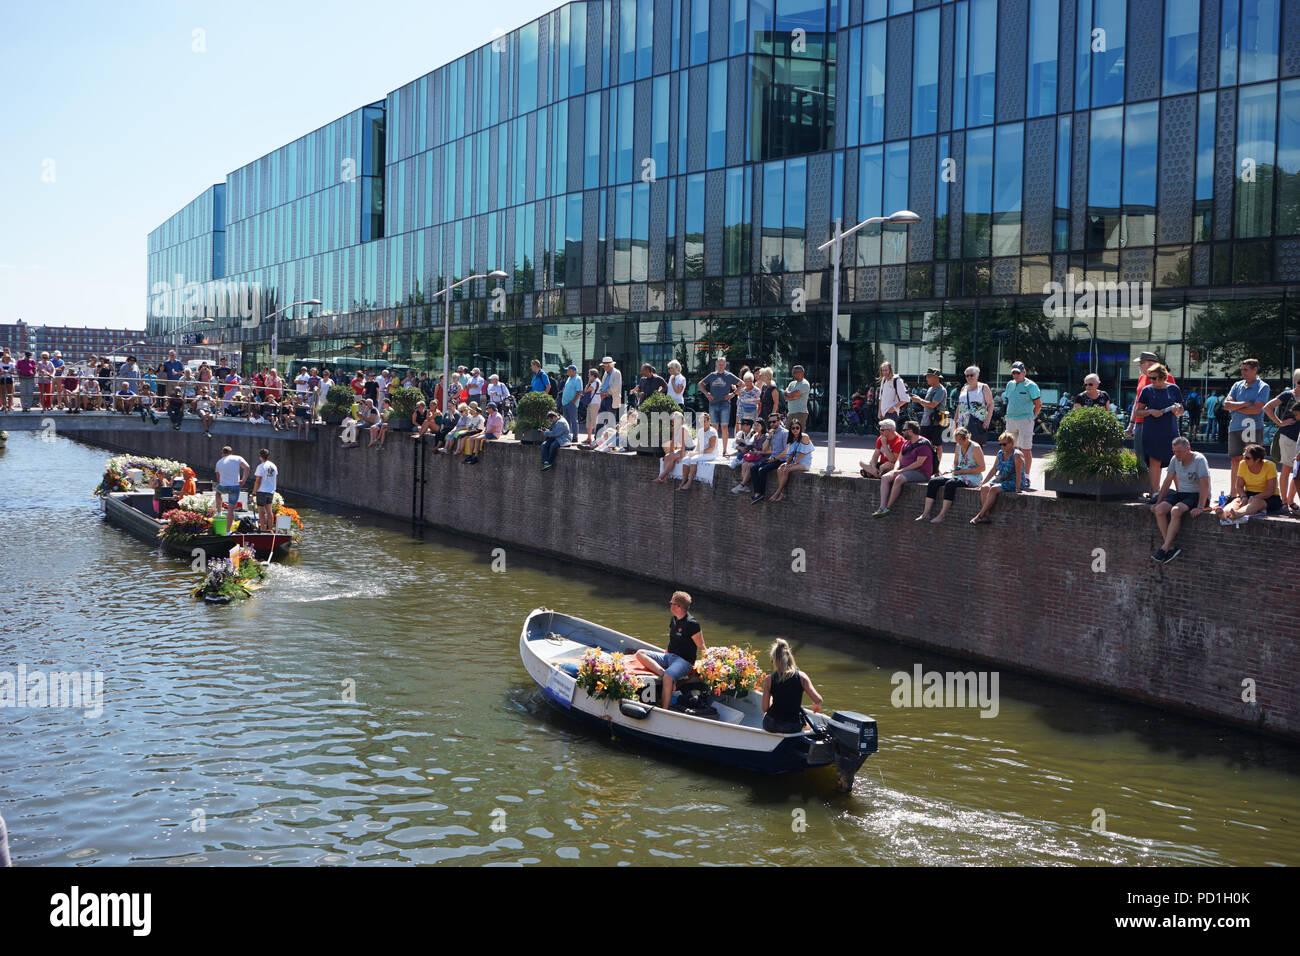 Delft, Países Bajos, 5 de agosto de 2018:Westland Boat Parade (Varend Corso),espectáculo festivo, barcos decorados con flores y verduras, colorido desfile de flores de vela en el Westland región Crédito: SkandaRamana/Alamy Live News Imagen De Stock